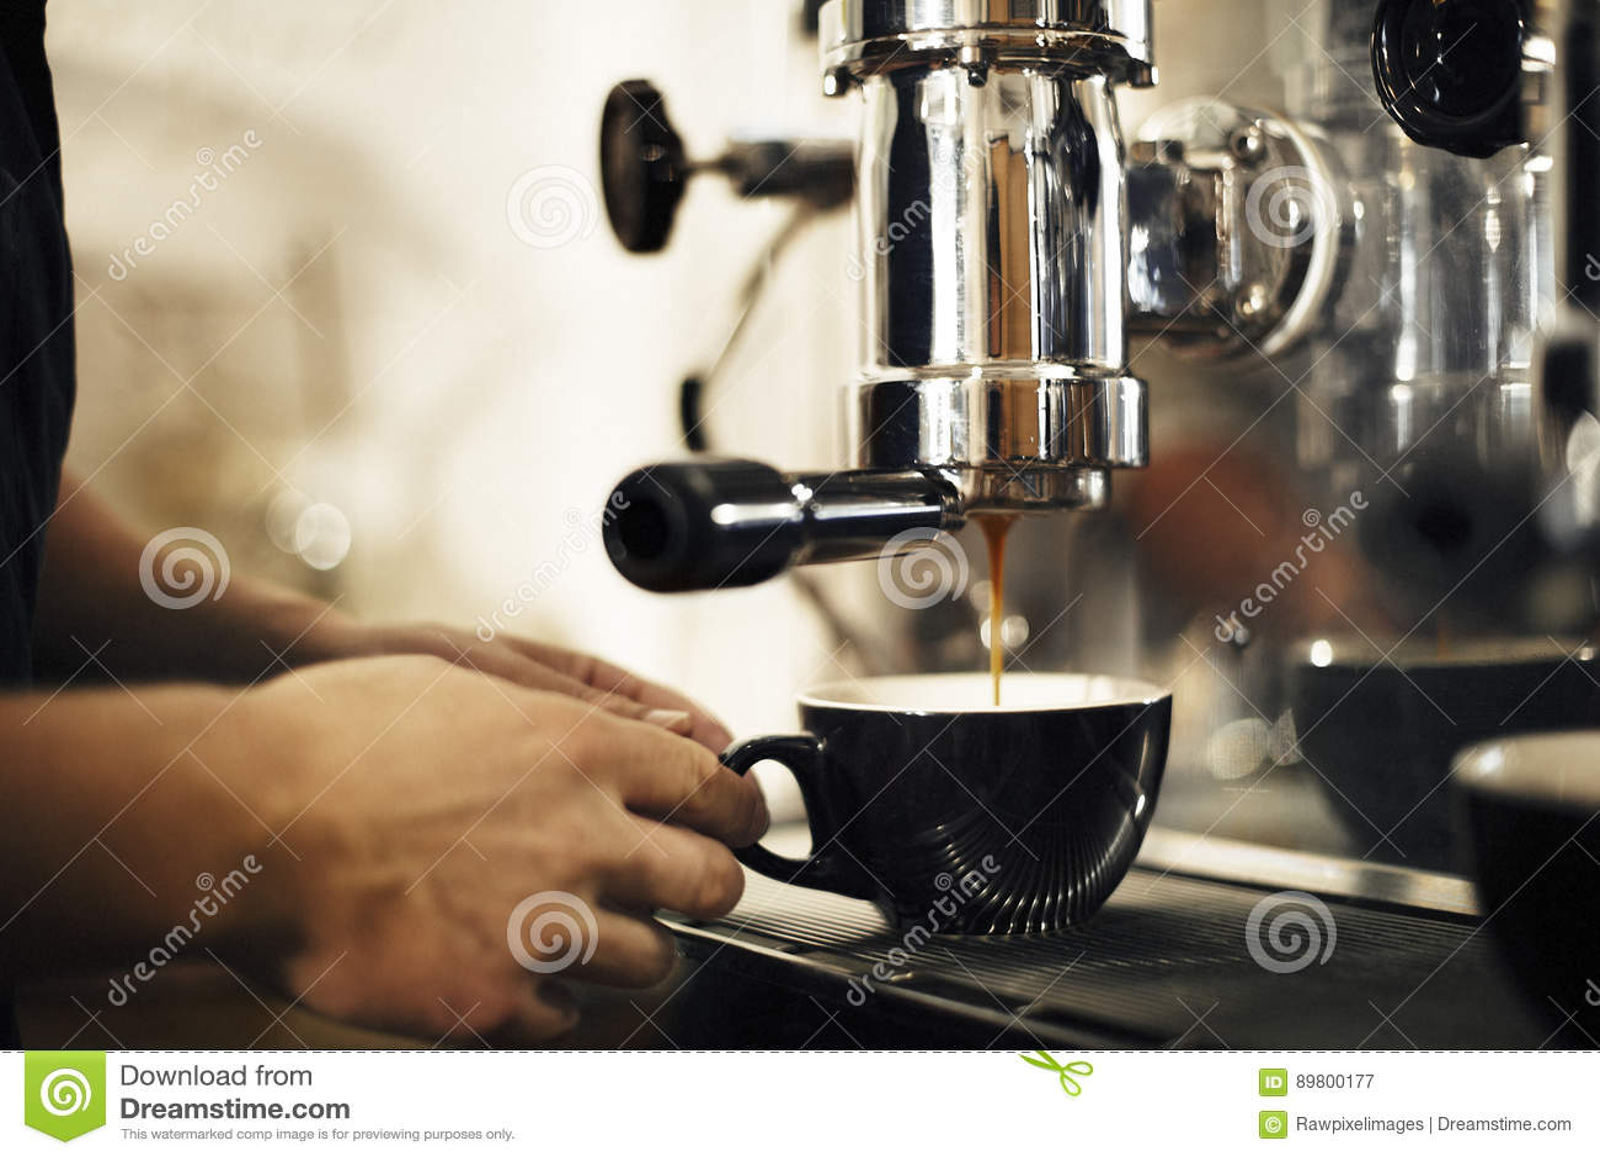 Kaffee, der Geschäfts-Café Barista Concept macht